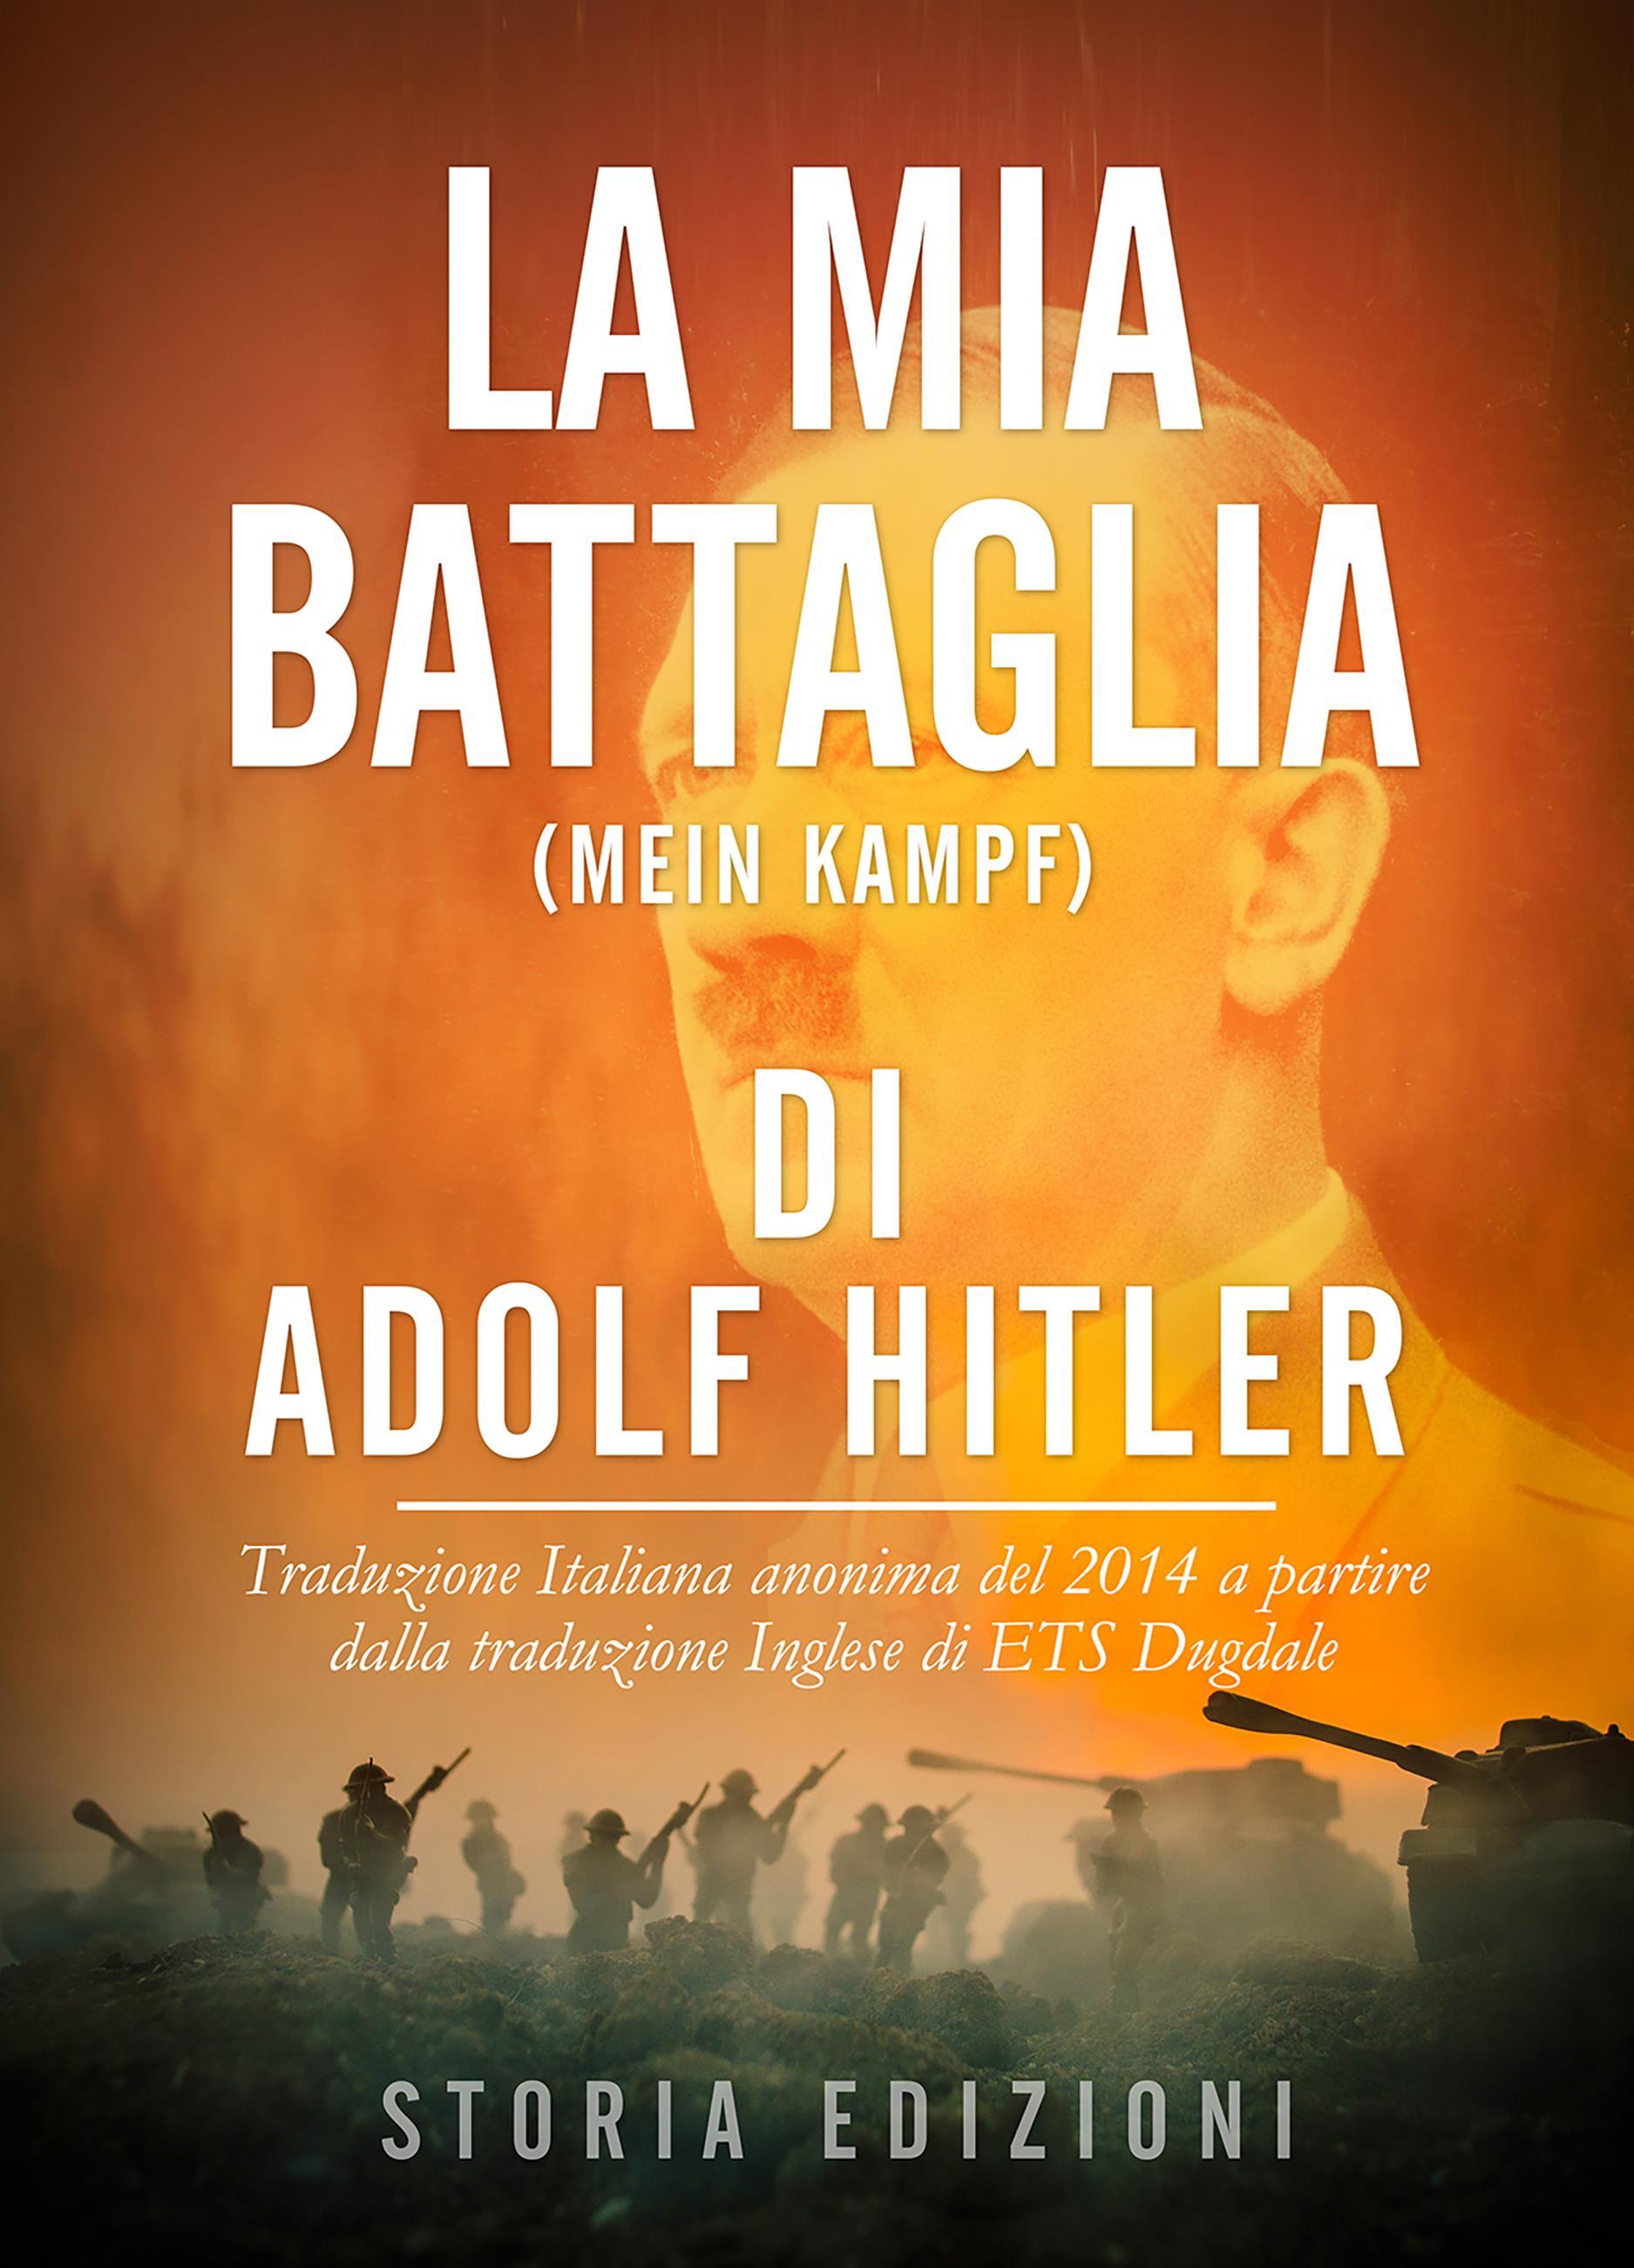 La Mia Battaglia (Mein Kampf) di Adolf Hitler